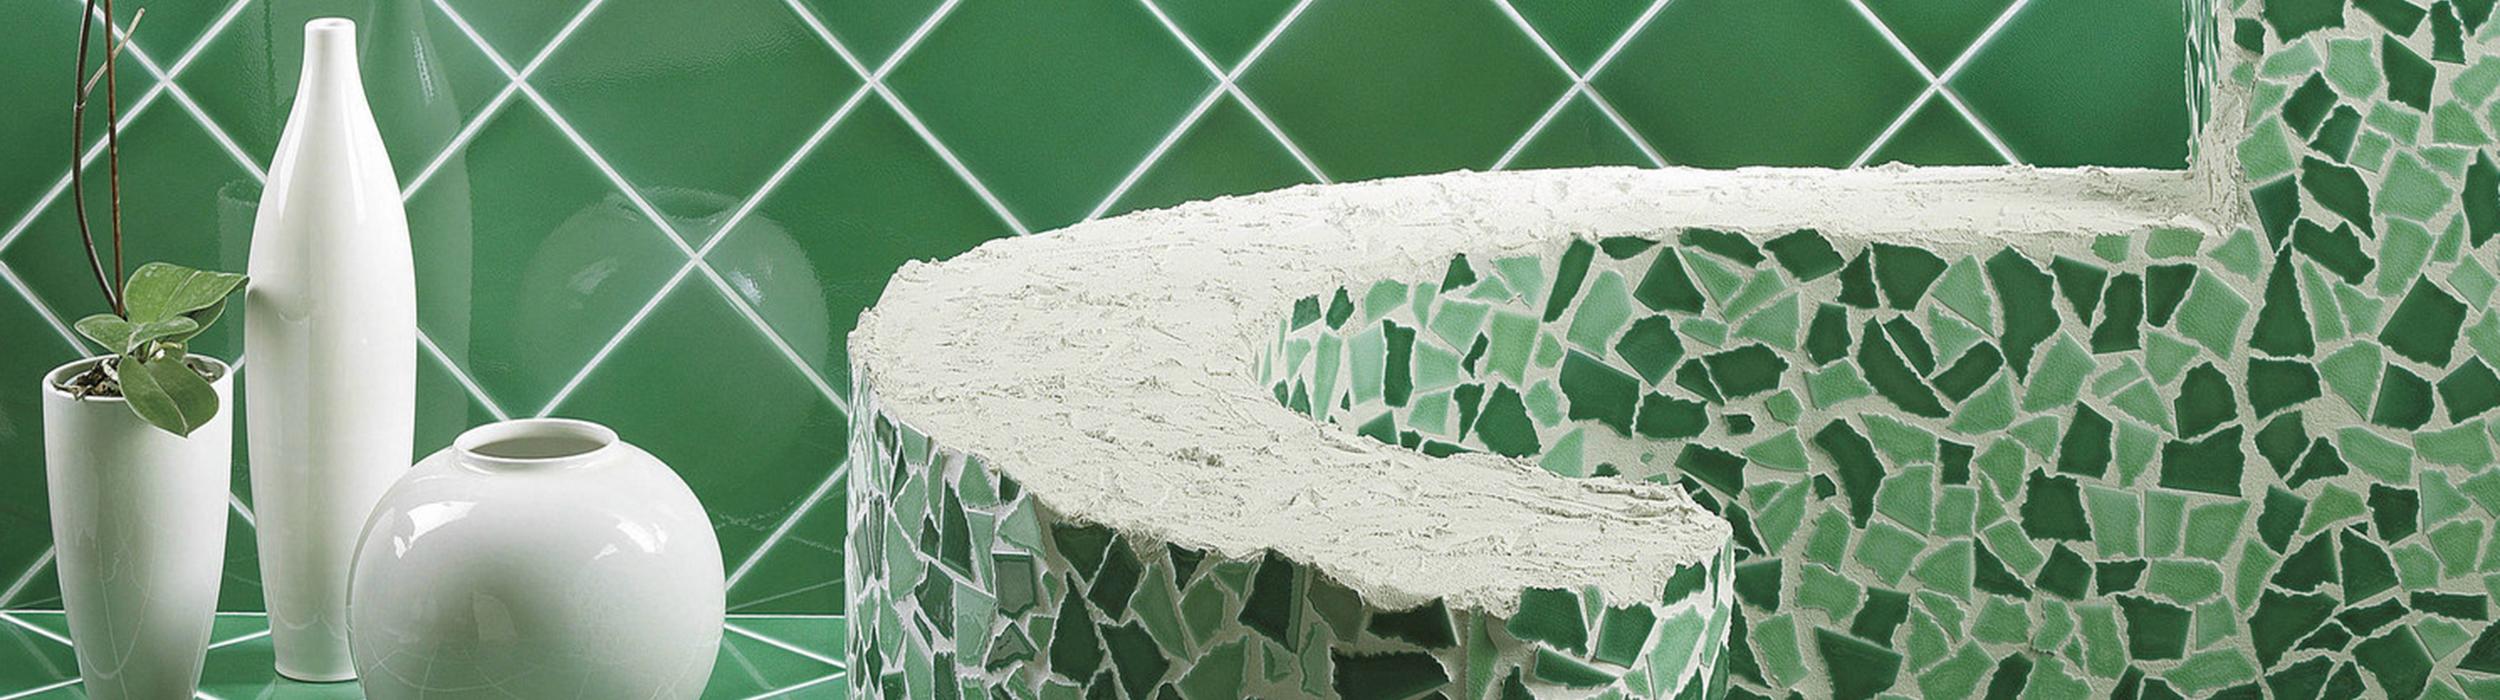 Esposizione Arredo Bagno Roma.Arredo Bagno Roma E Ceramiche Ferramenta Fratelli Dolci Roma